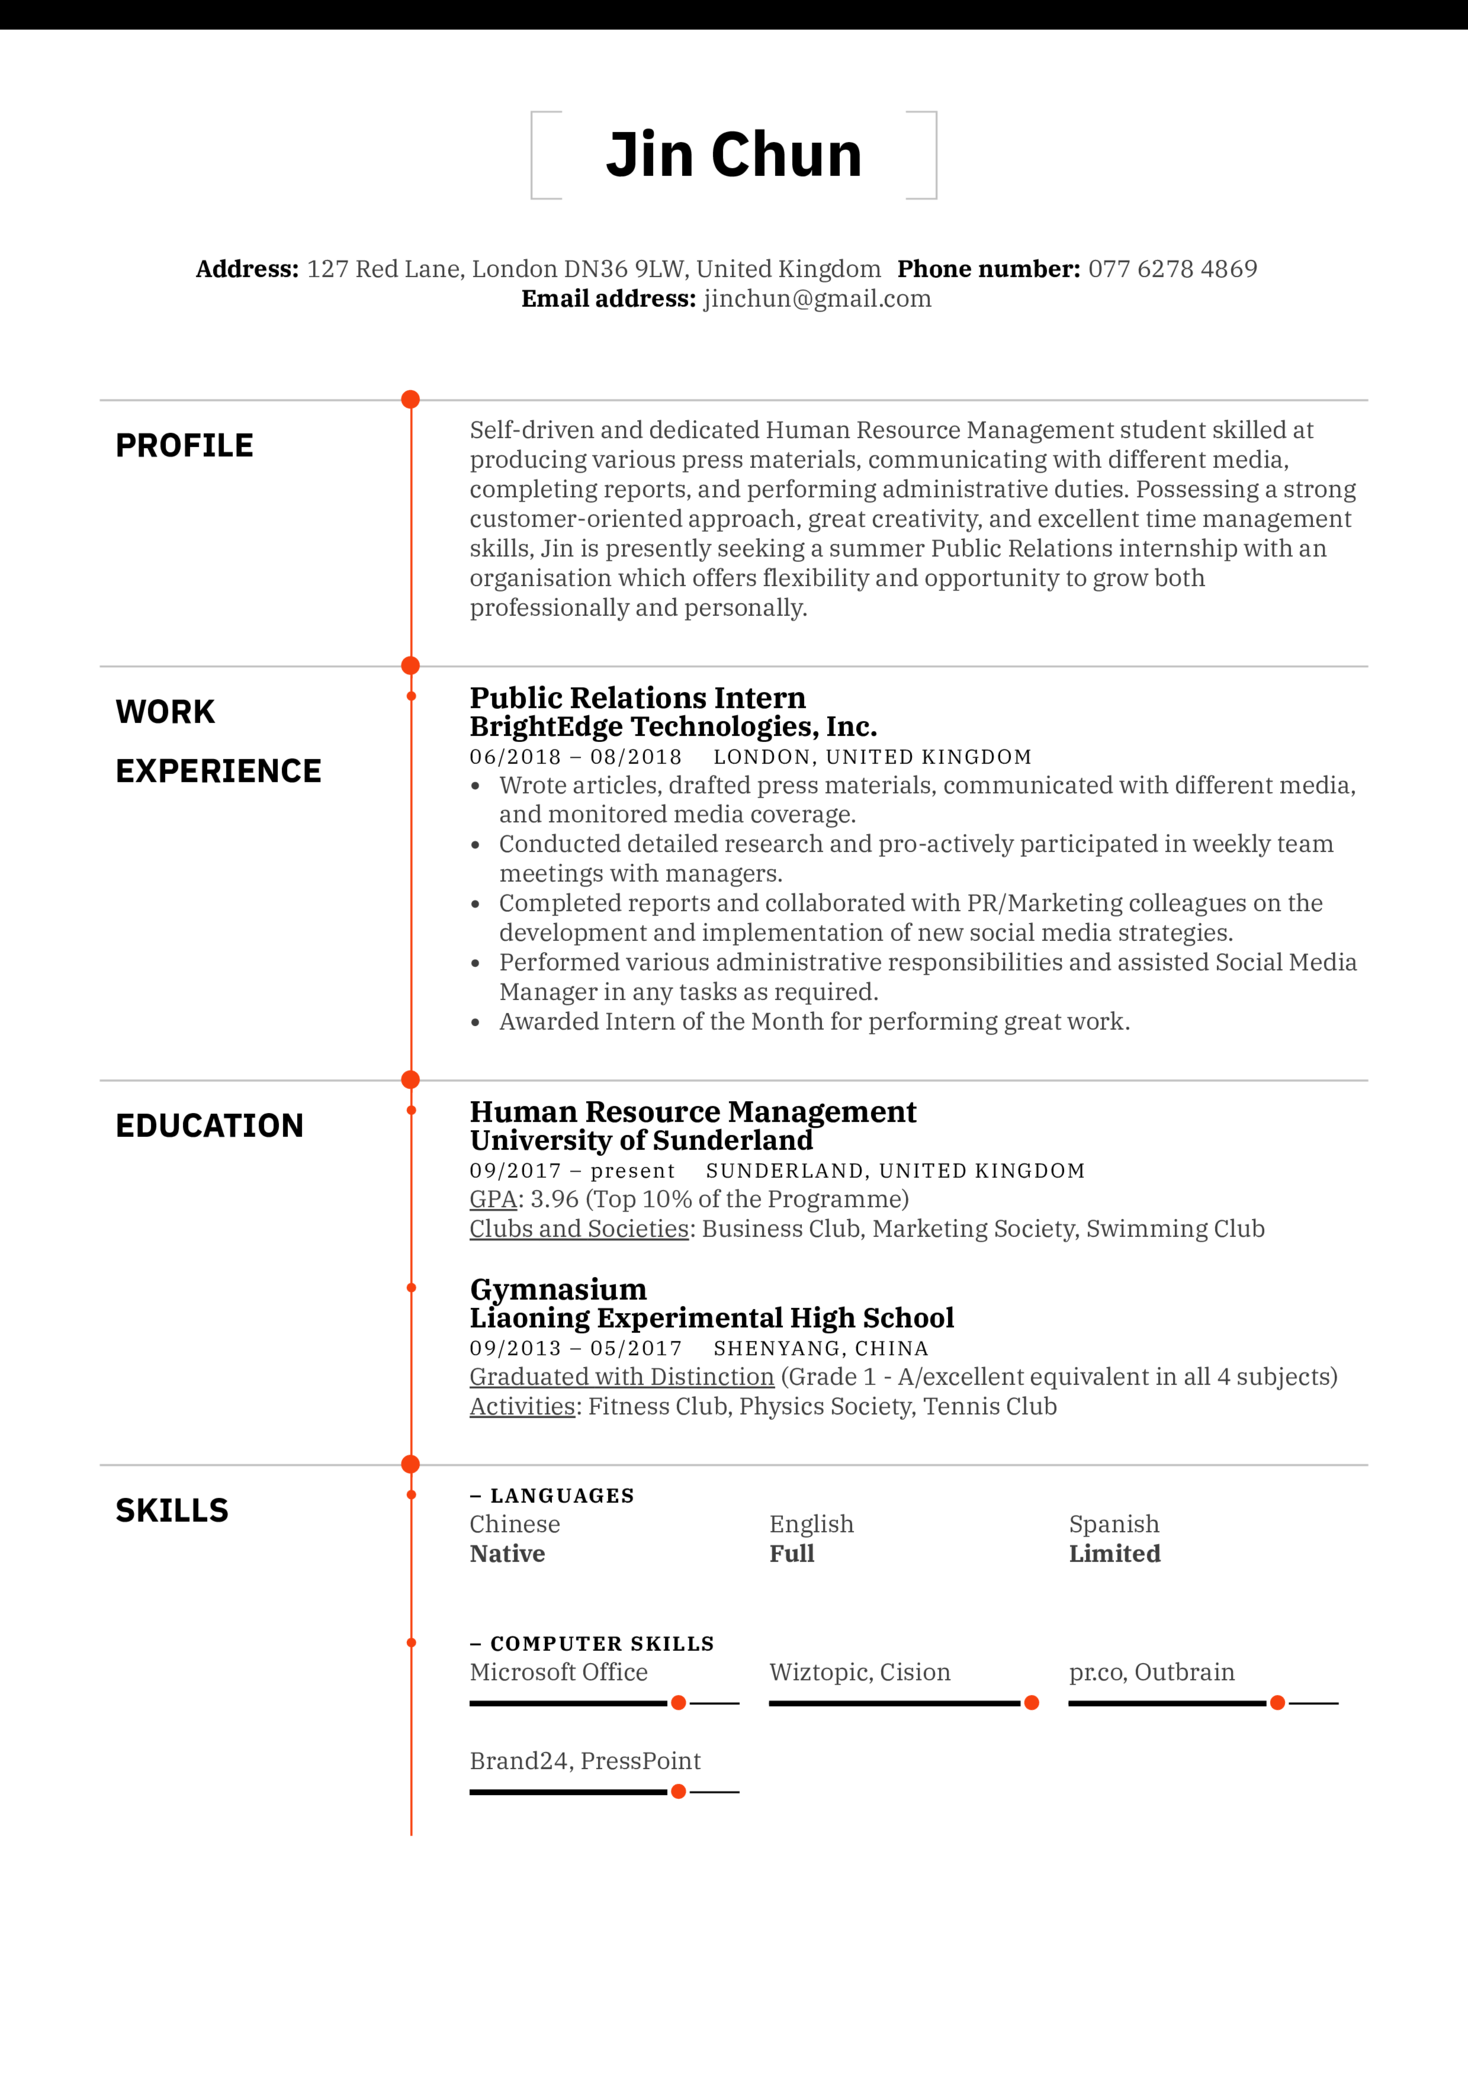 Public Relations Intern Resume Example (parte 1)